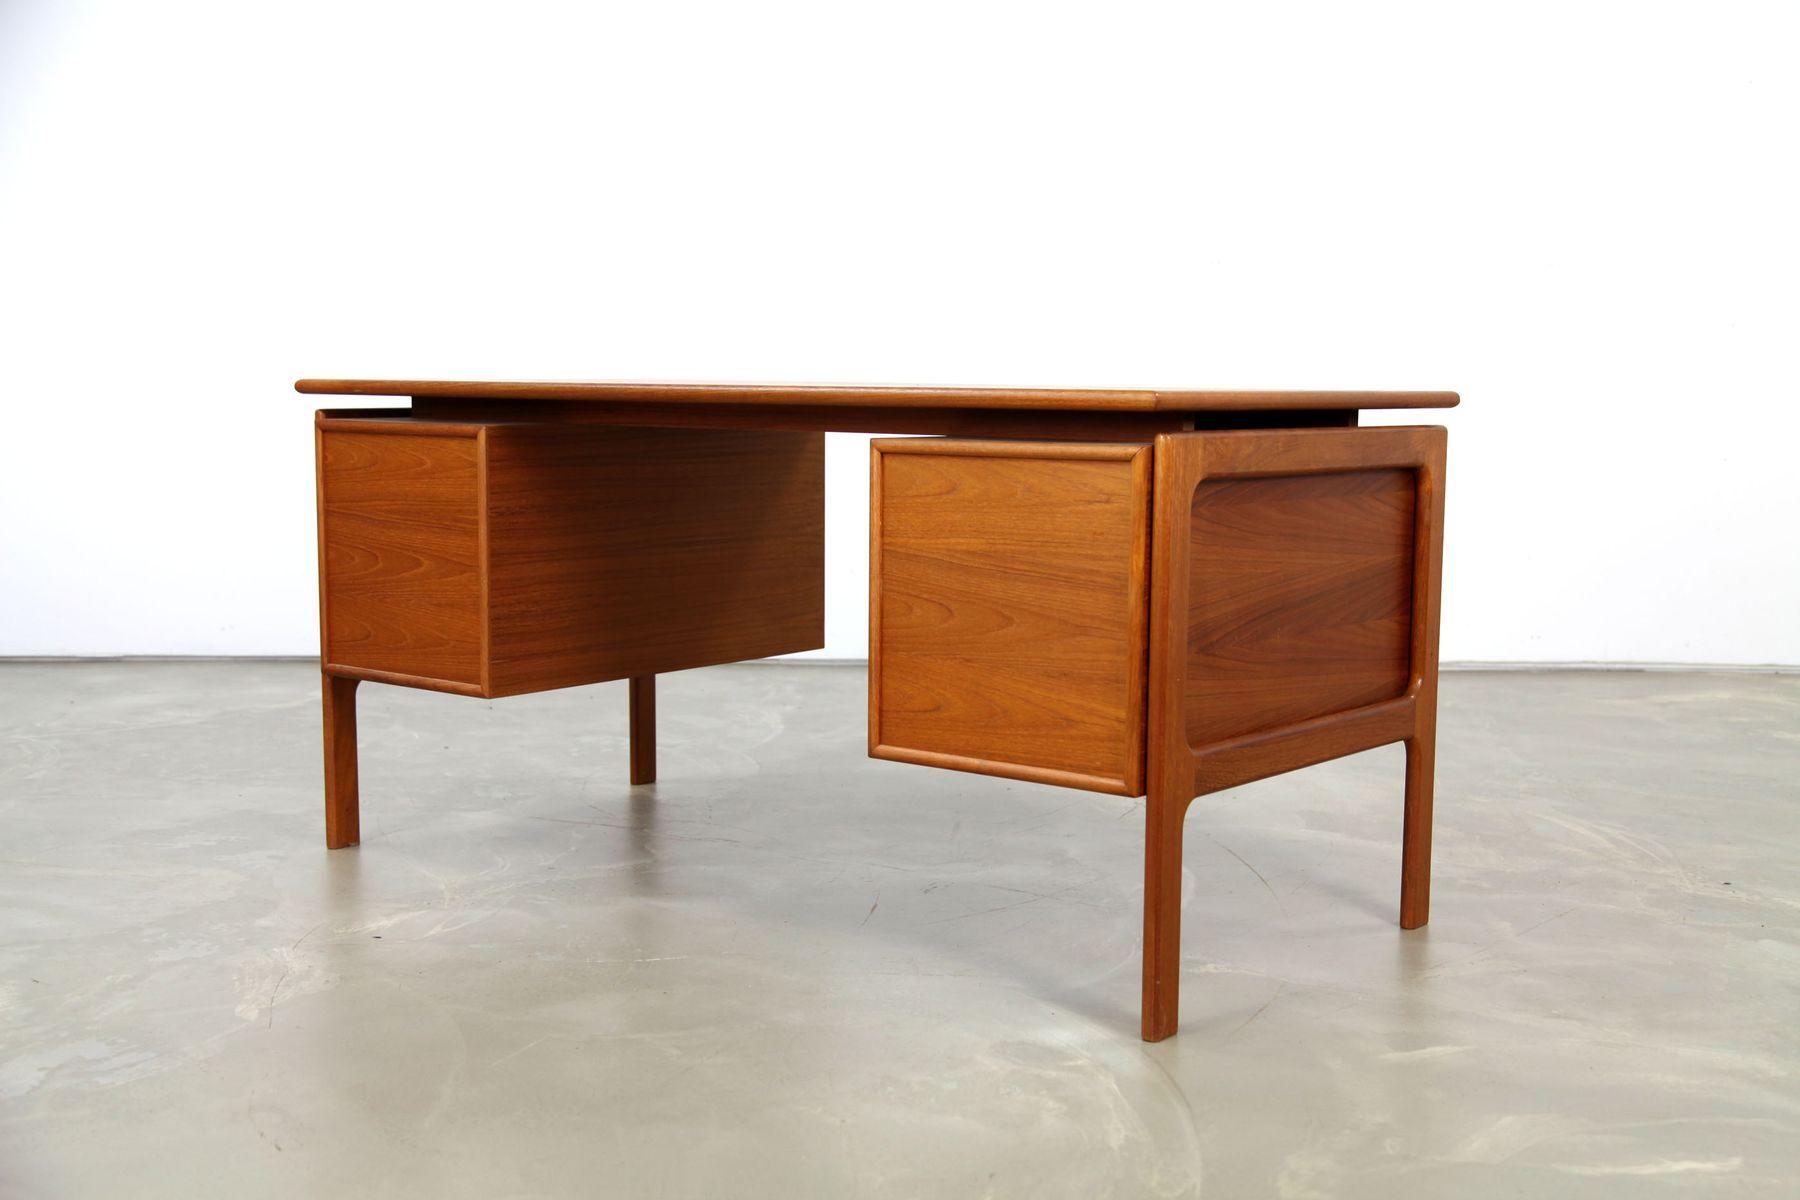 d nischer teak schreibtisch von lovig 1970er bei pamono. Black Bedroom Furniture Sets. Home Design Ideas